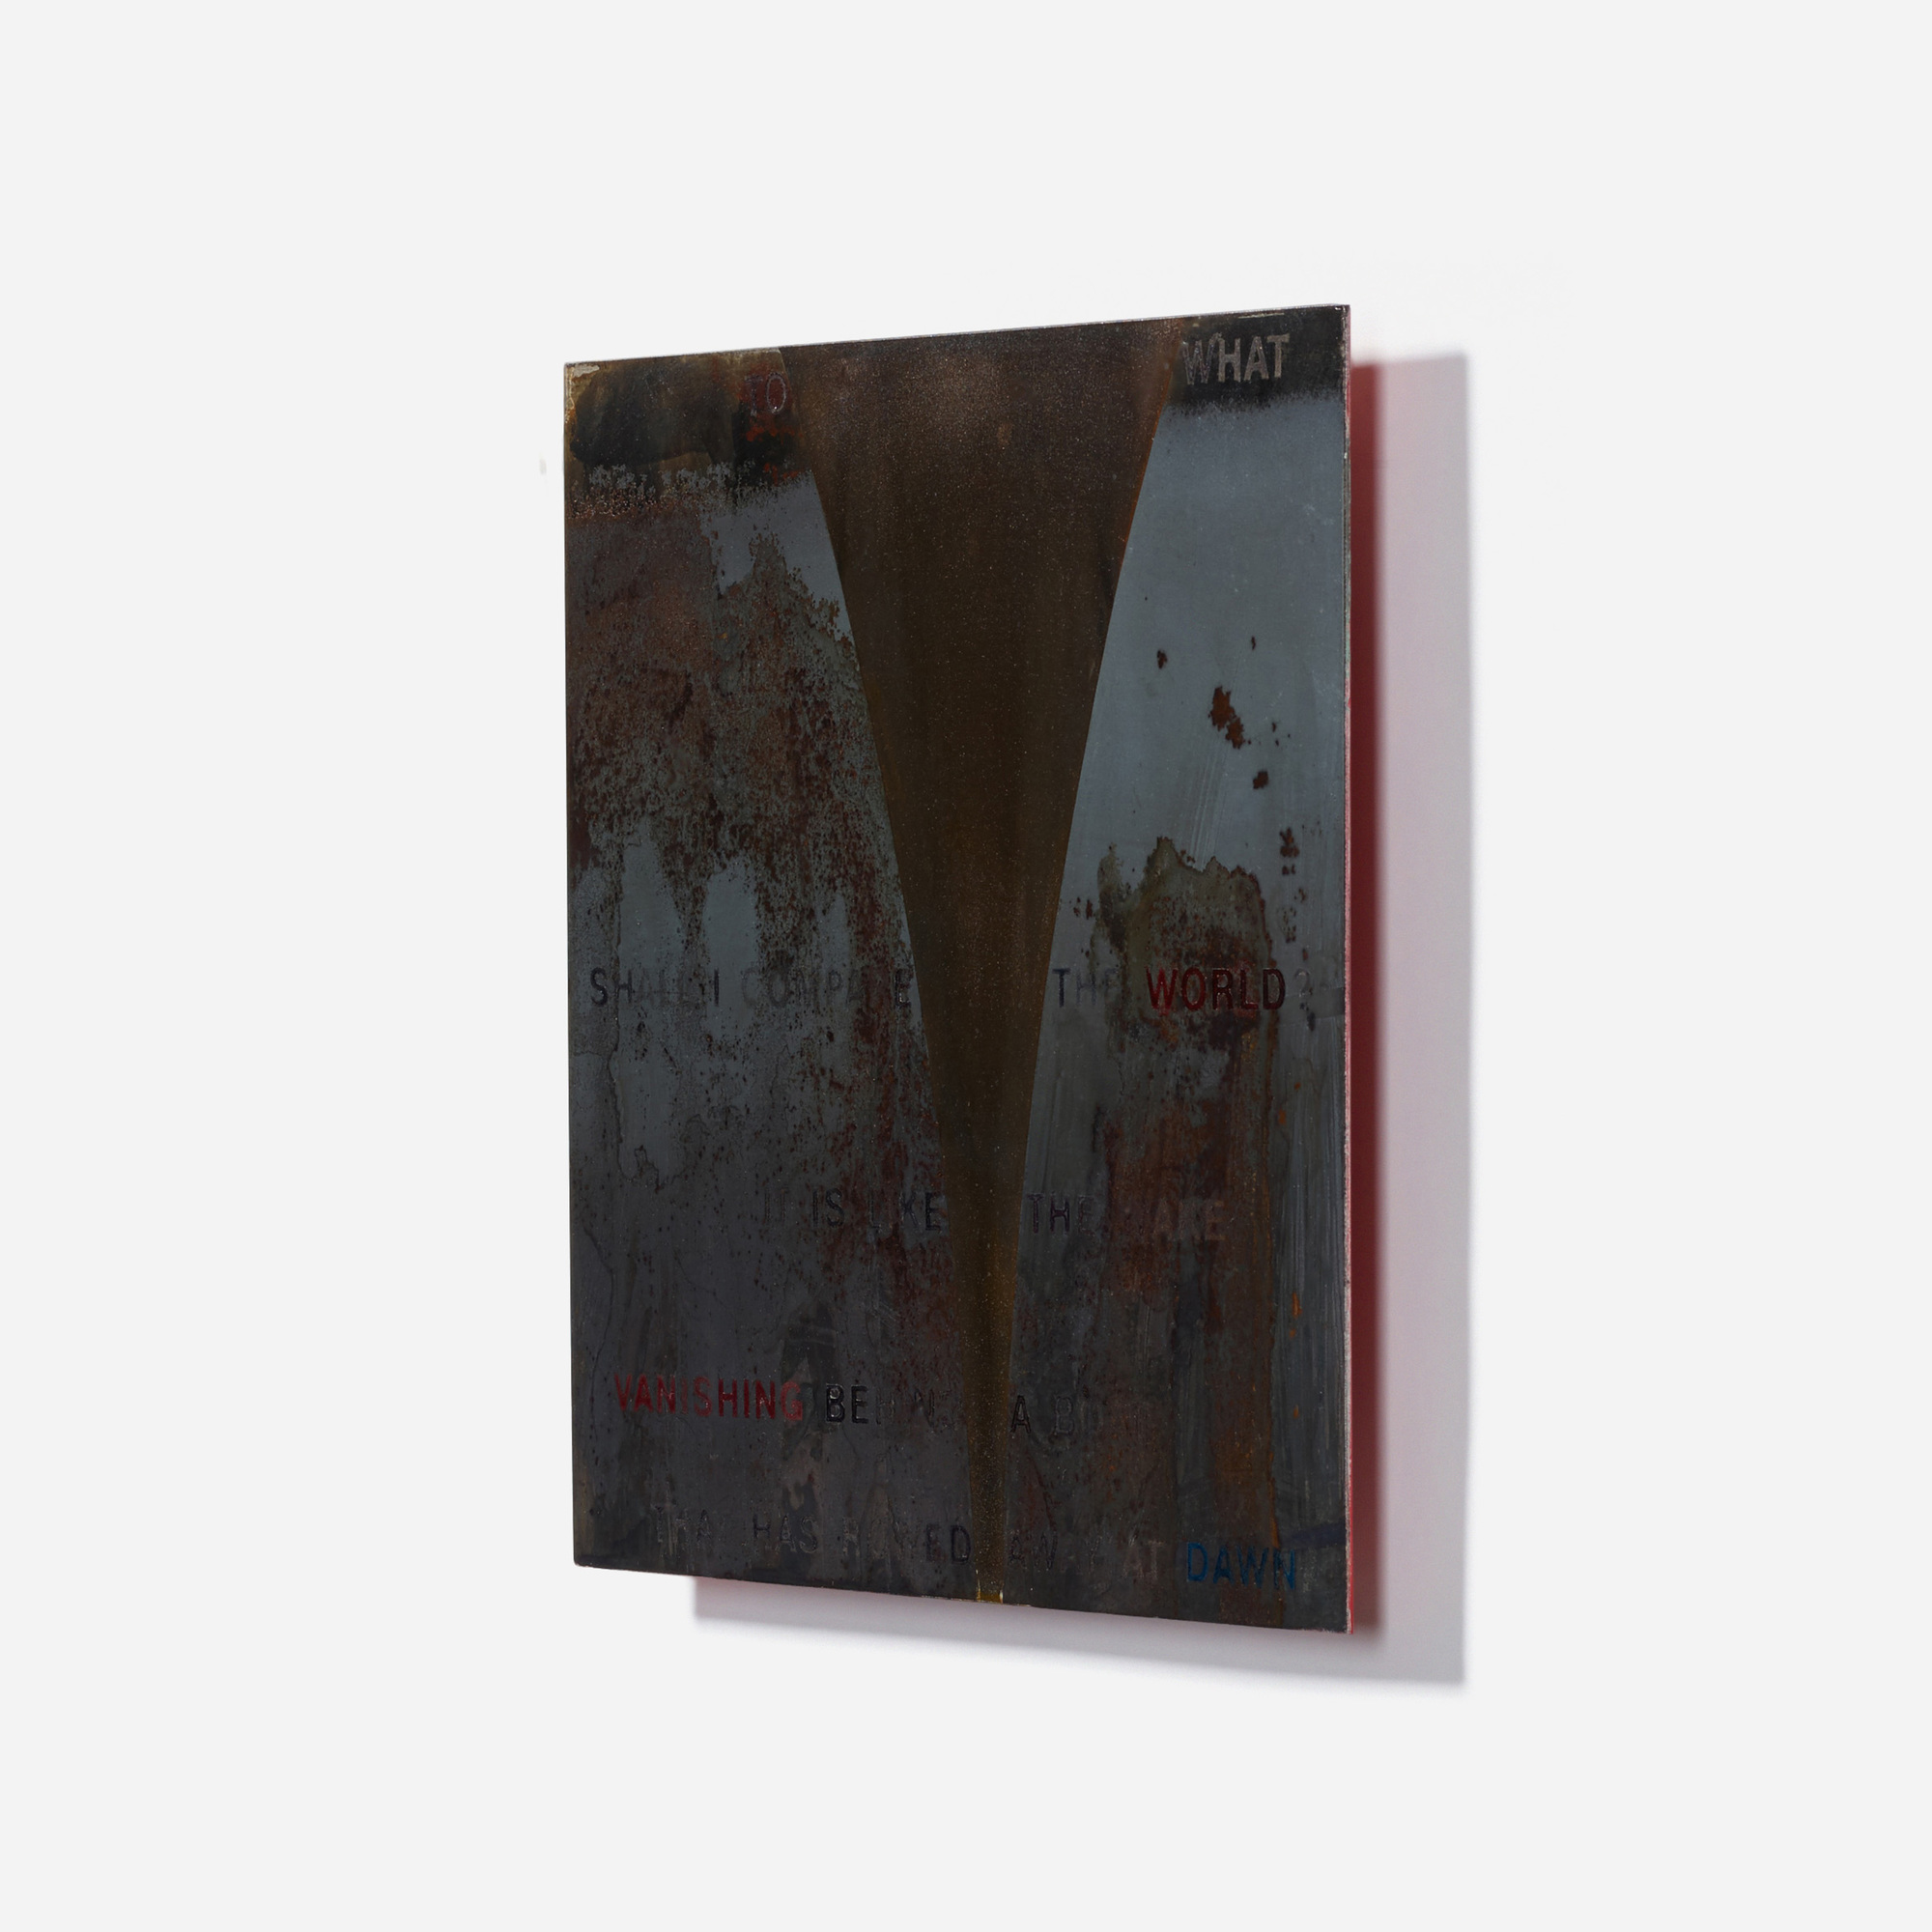 158: David Barr / Gossamer (Poetry Fragment) (2 of 2)